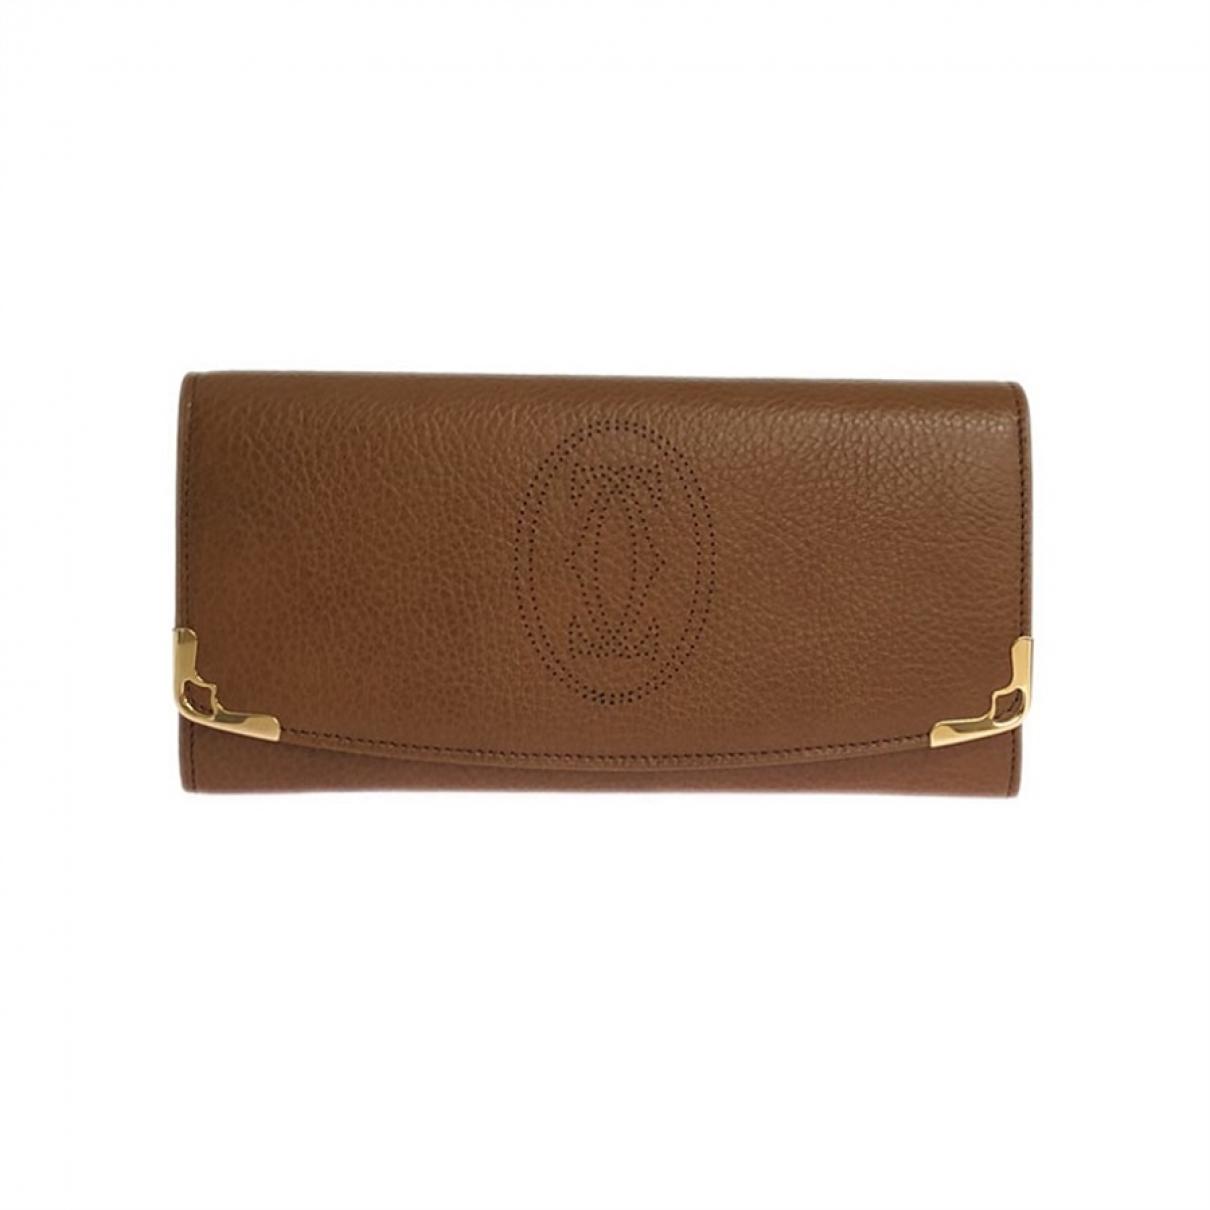 Cartier \N Portemonnaie in  Braun Leder